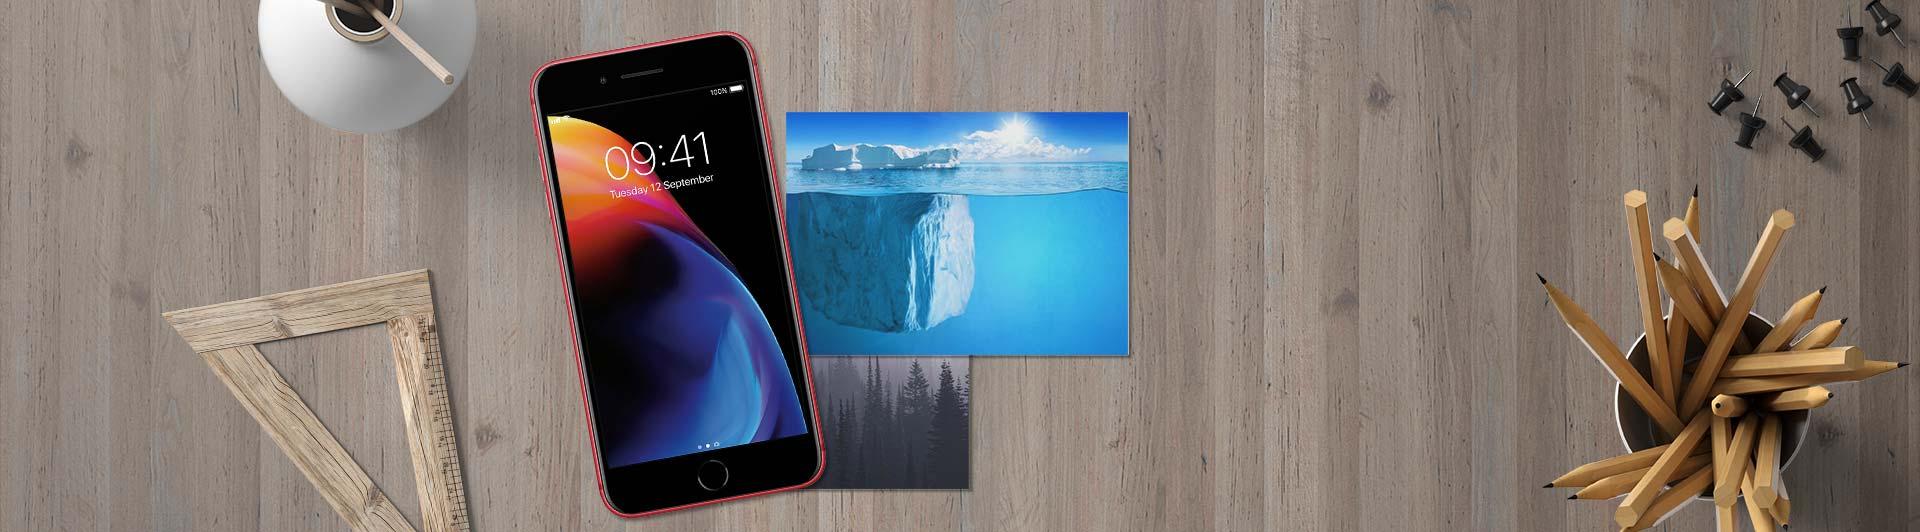 Điện thoại iPhone 8+ 64GB Red mặt trước